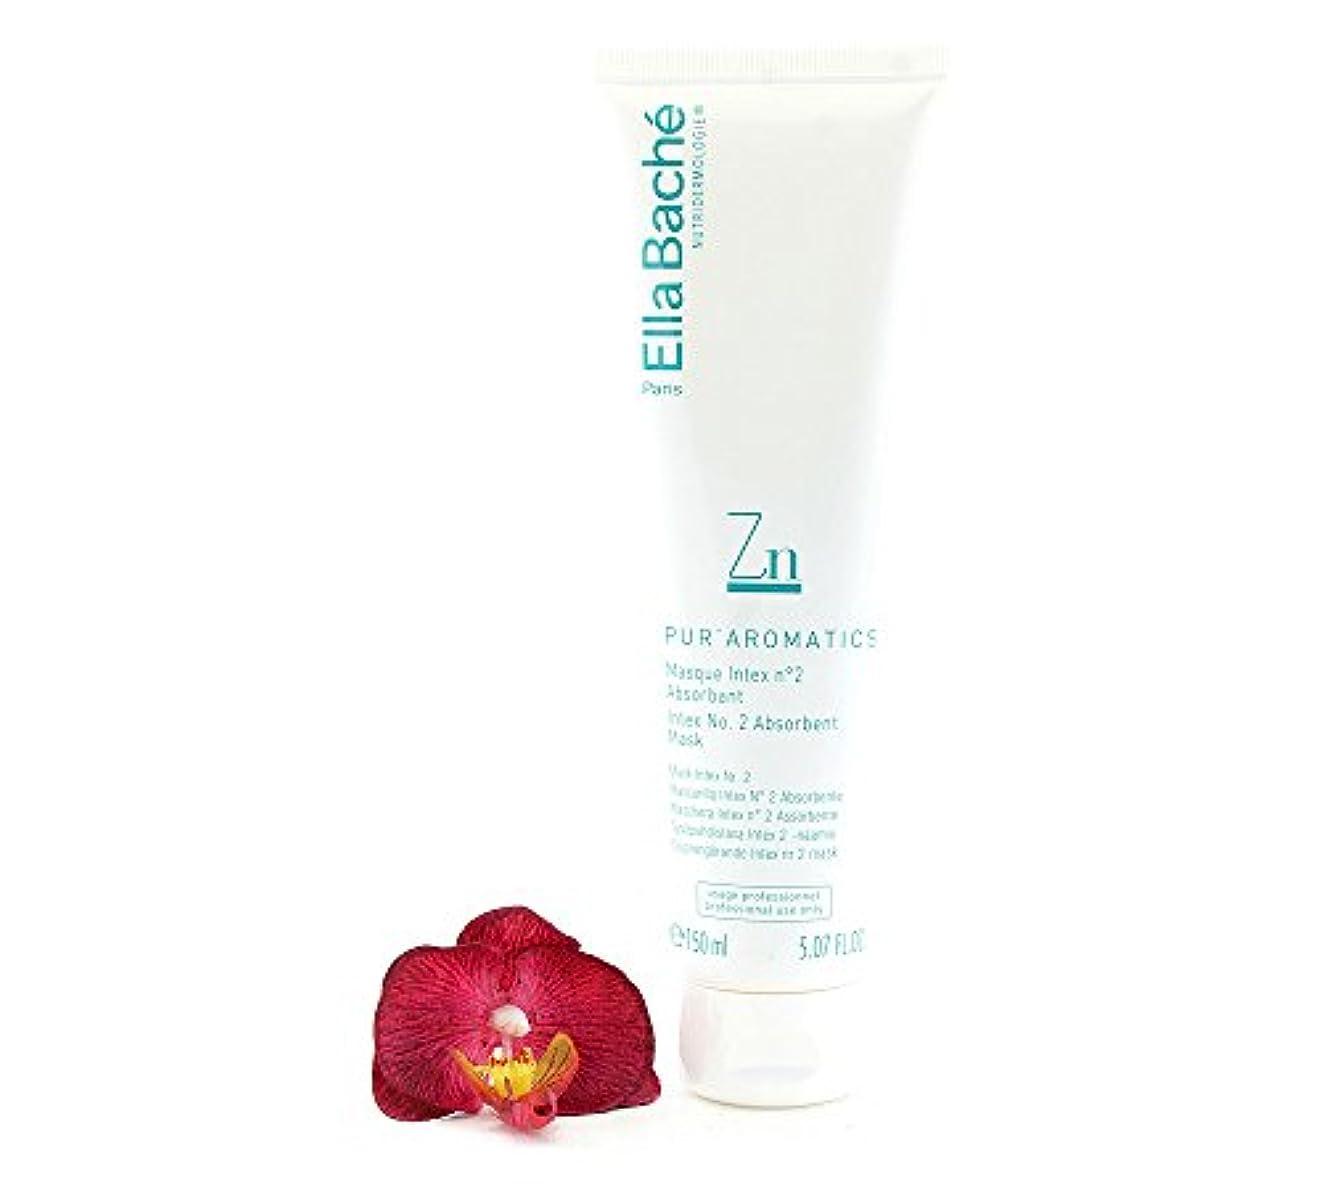 祝福ウォルターカニンガム暖炉エラバシェ Pur' Aromatics Intex No.2 Absorbent Mask - Professional Size 150ml/5.07oz並行輸入品